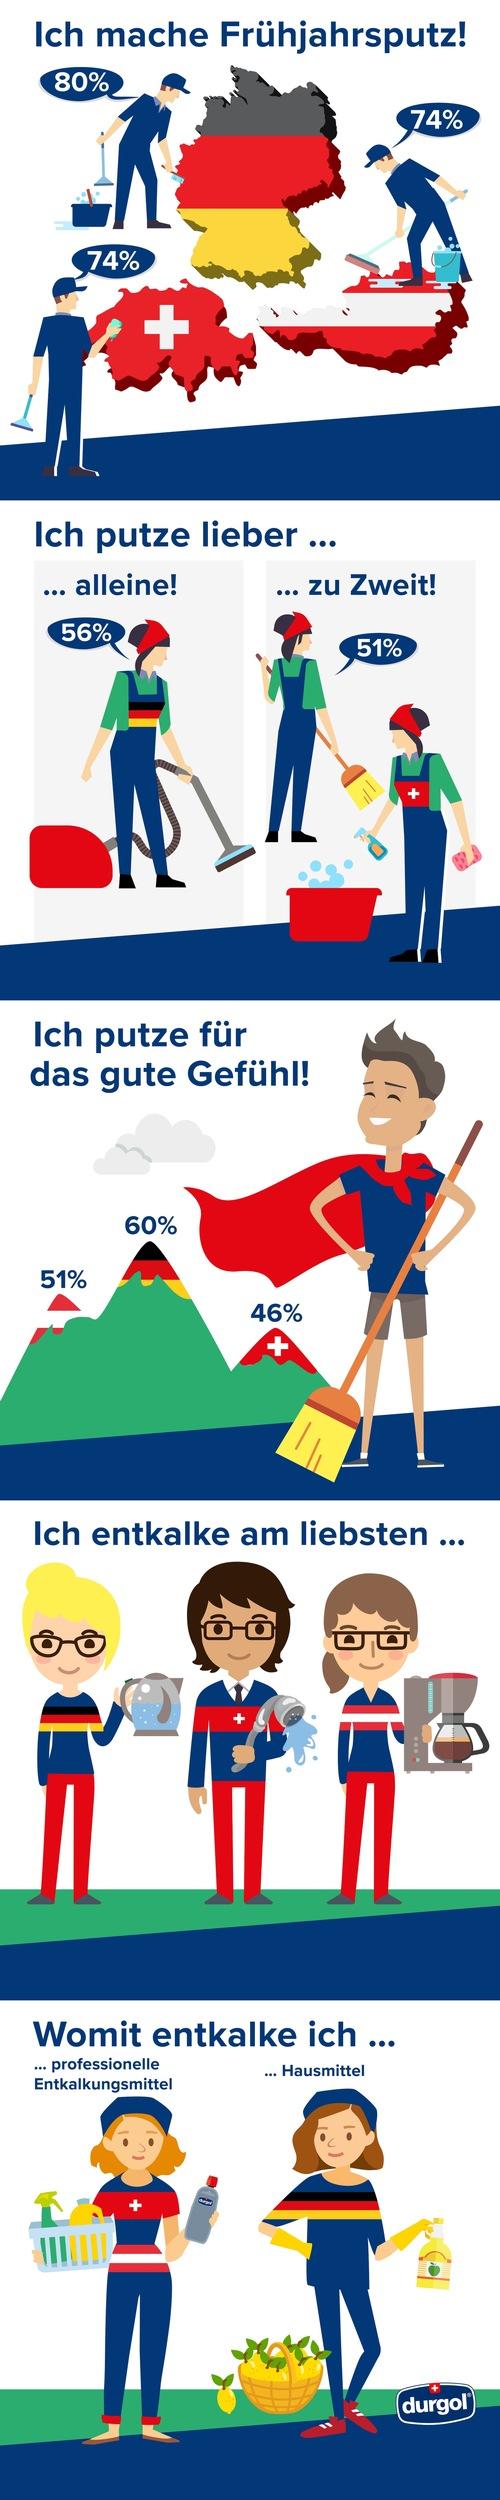 durgol Frühjahrsputzstudie deckt auf, wie die Schweizer putzen